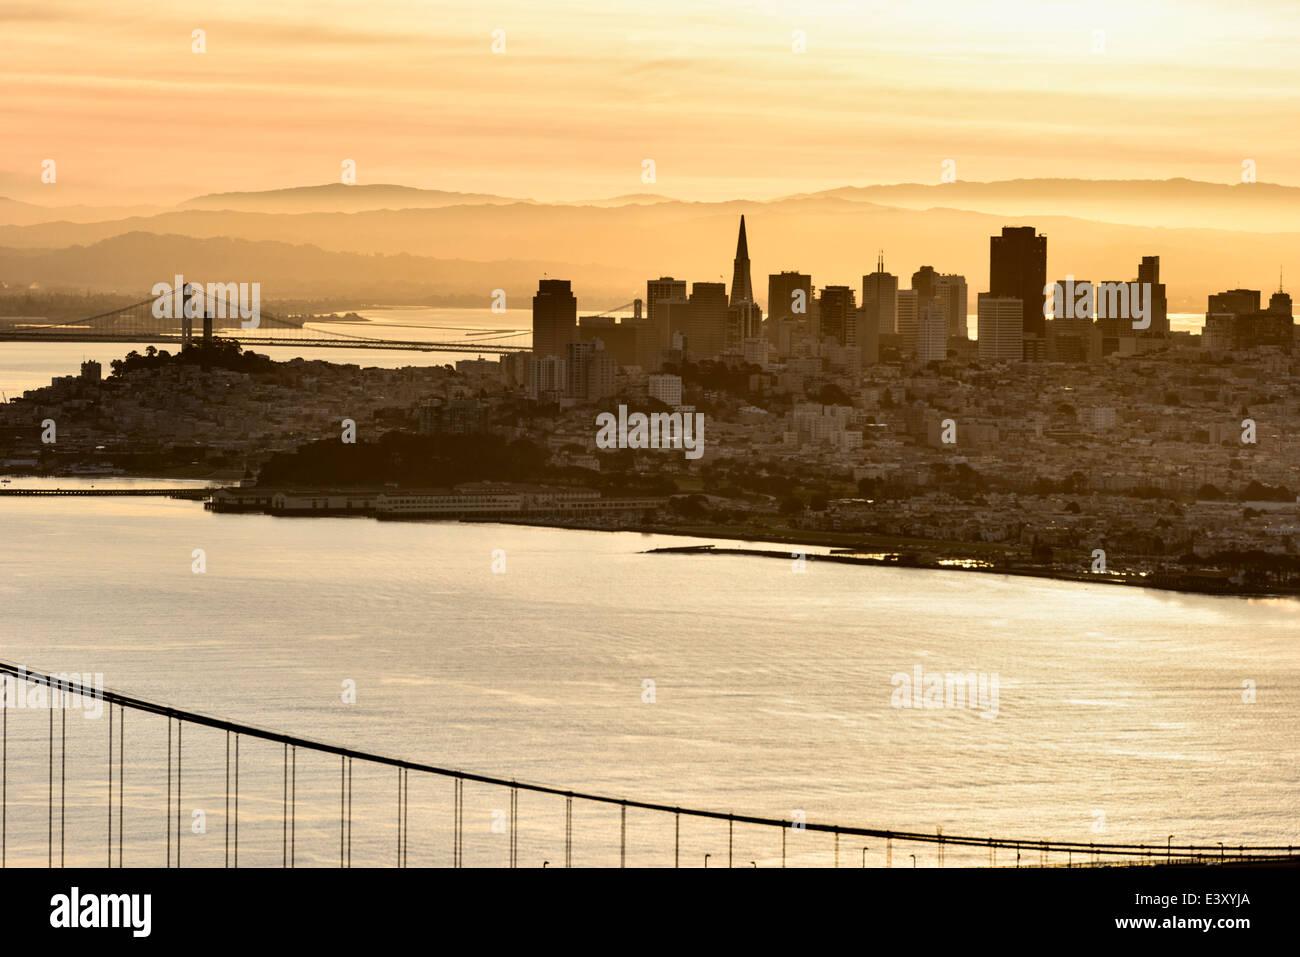 Silueta de rascacielos de la ciudad de San Francisco al atardecer, San Francisco, California, Estados Unidos Imagen De Stock